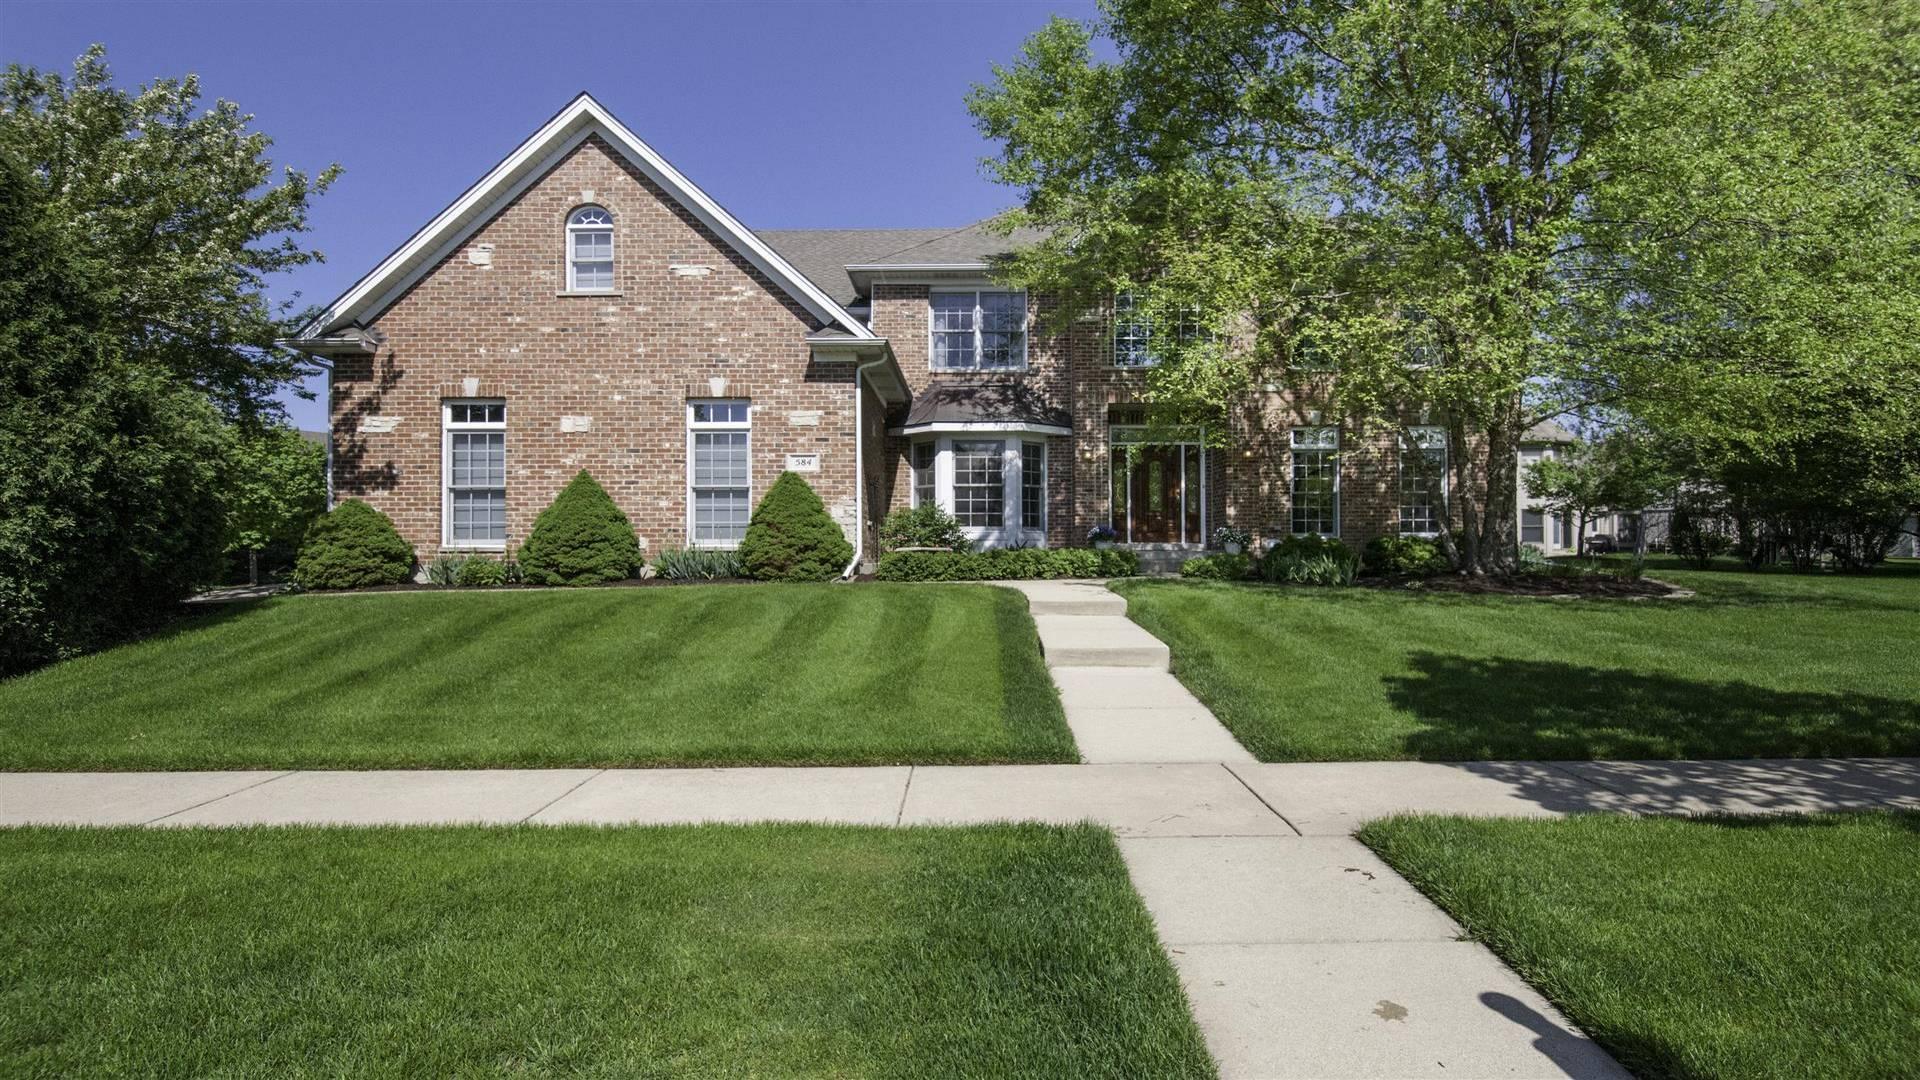 584 West Thornwood,  SOUTH ELGIN, Illinois